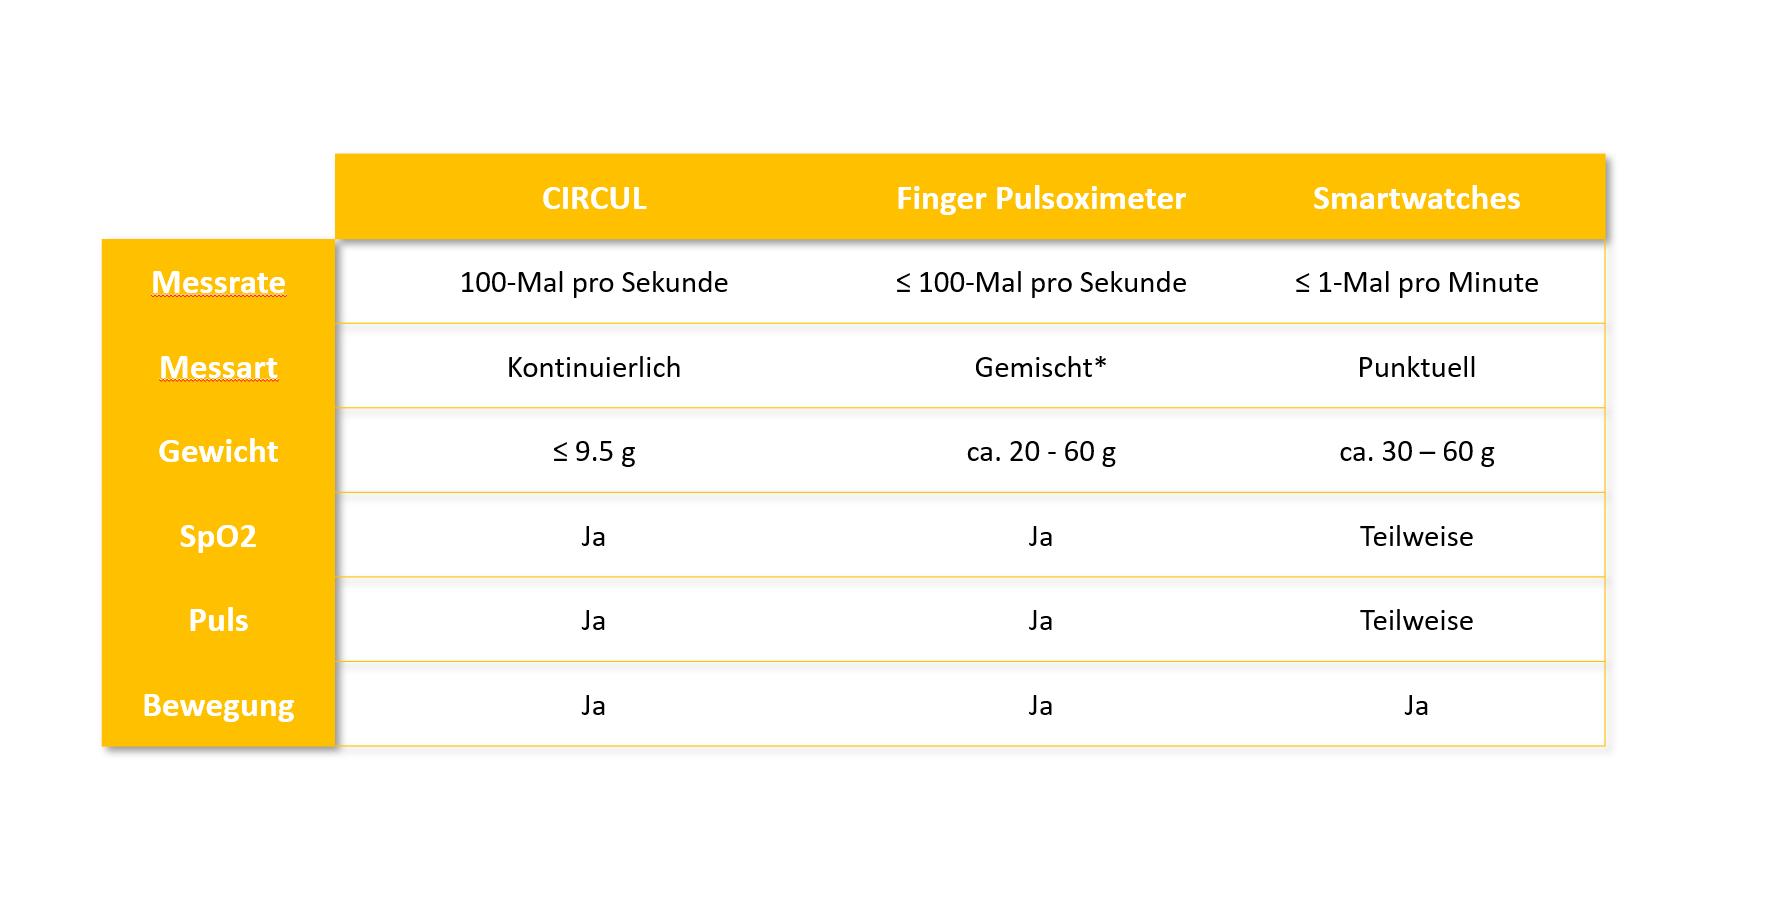 Eine Tabelle, welche die Leistung des CIRCUL Schlafrings mit einem Finger Pulsoximeter und einer Smartwatch vergleicht